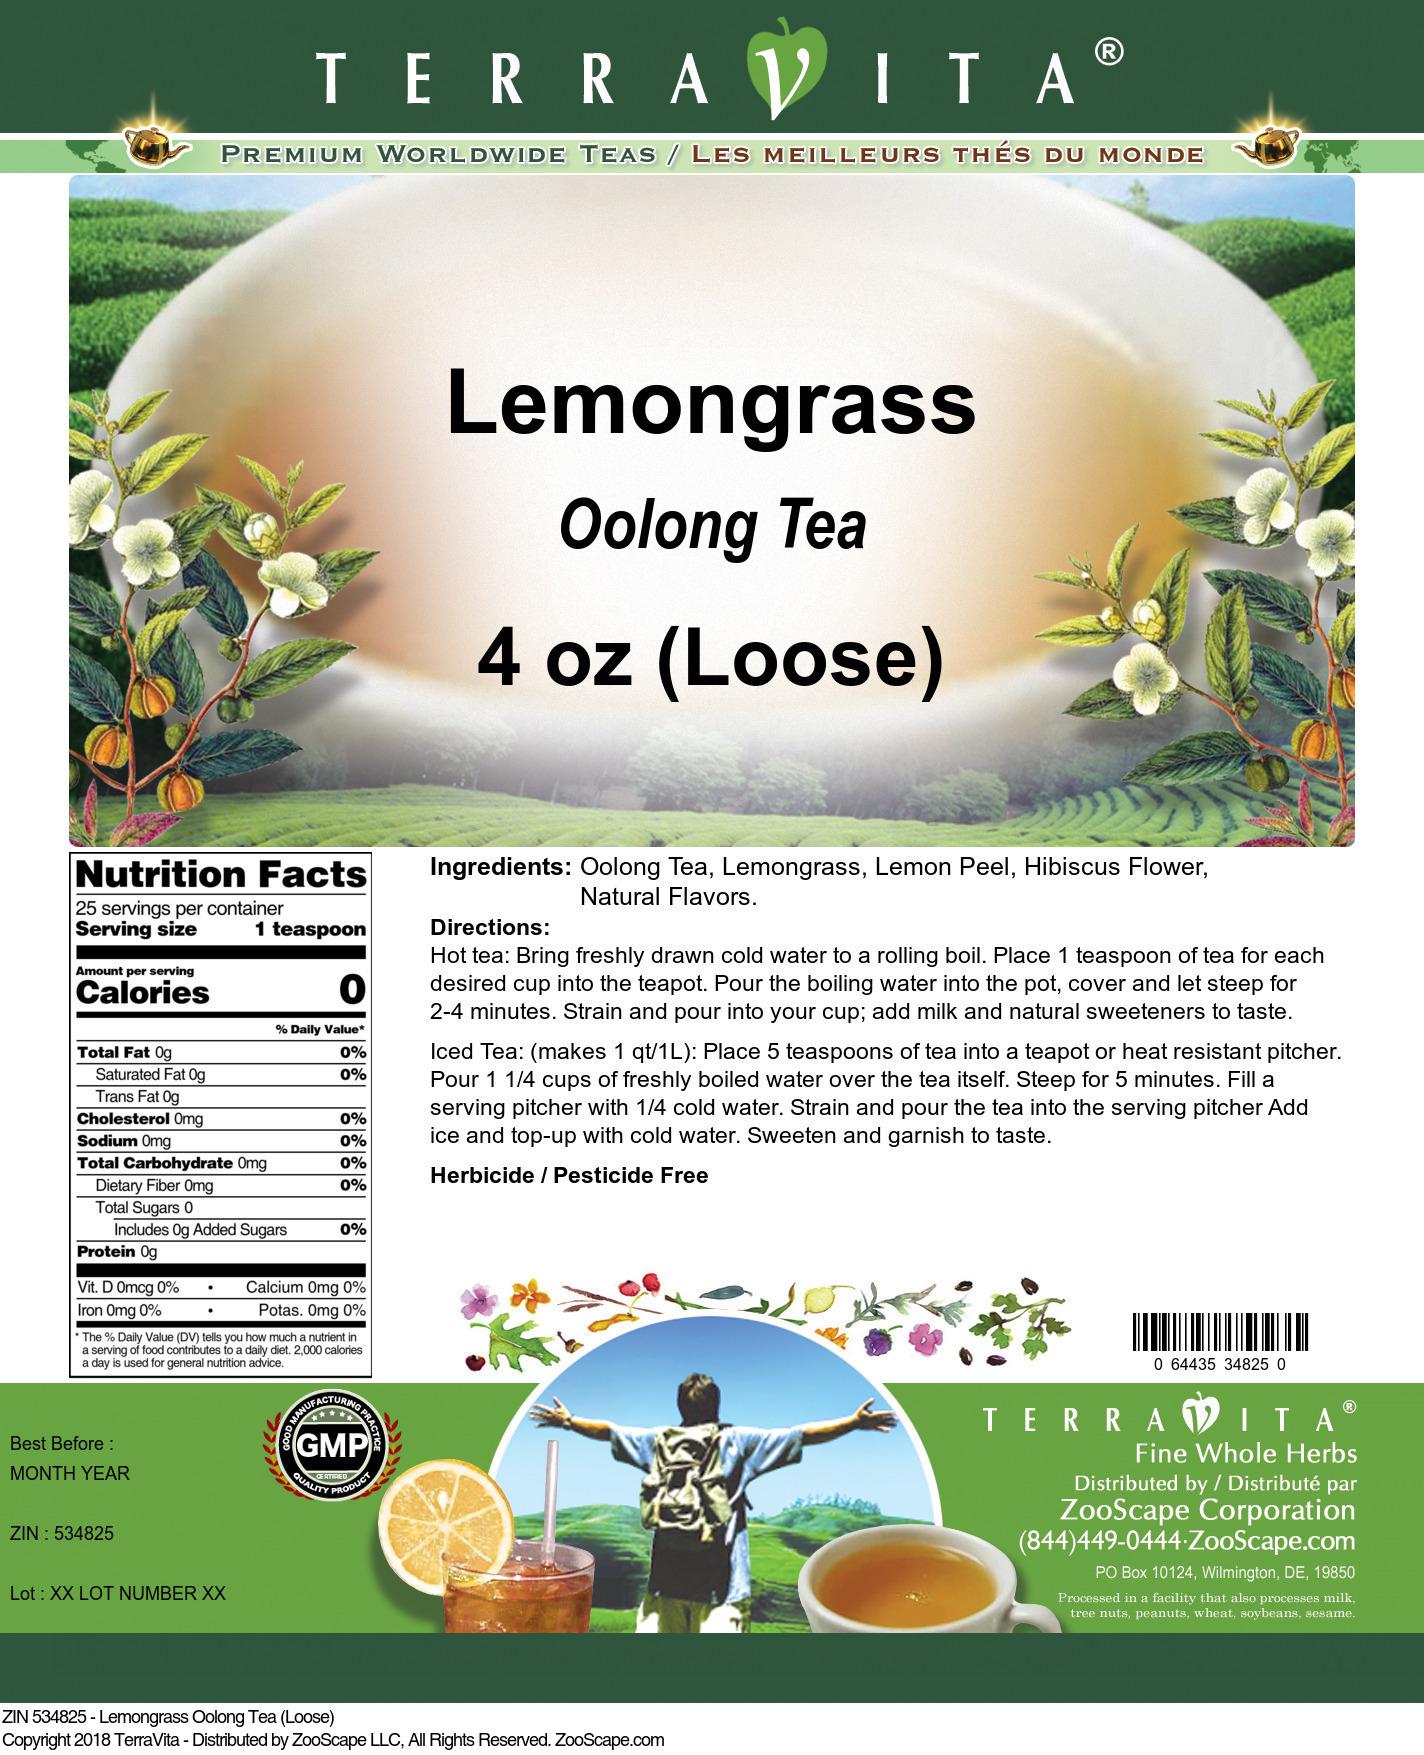 Lemongrass Oolong Tea (Loose)